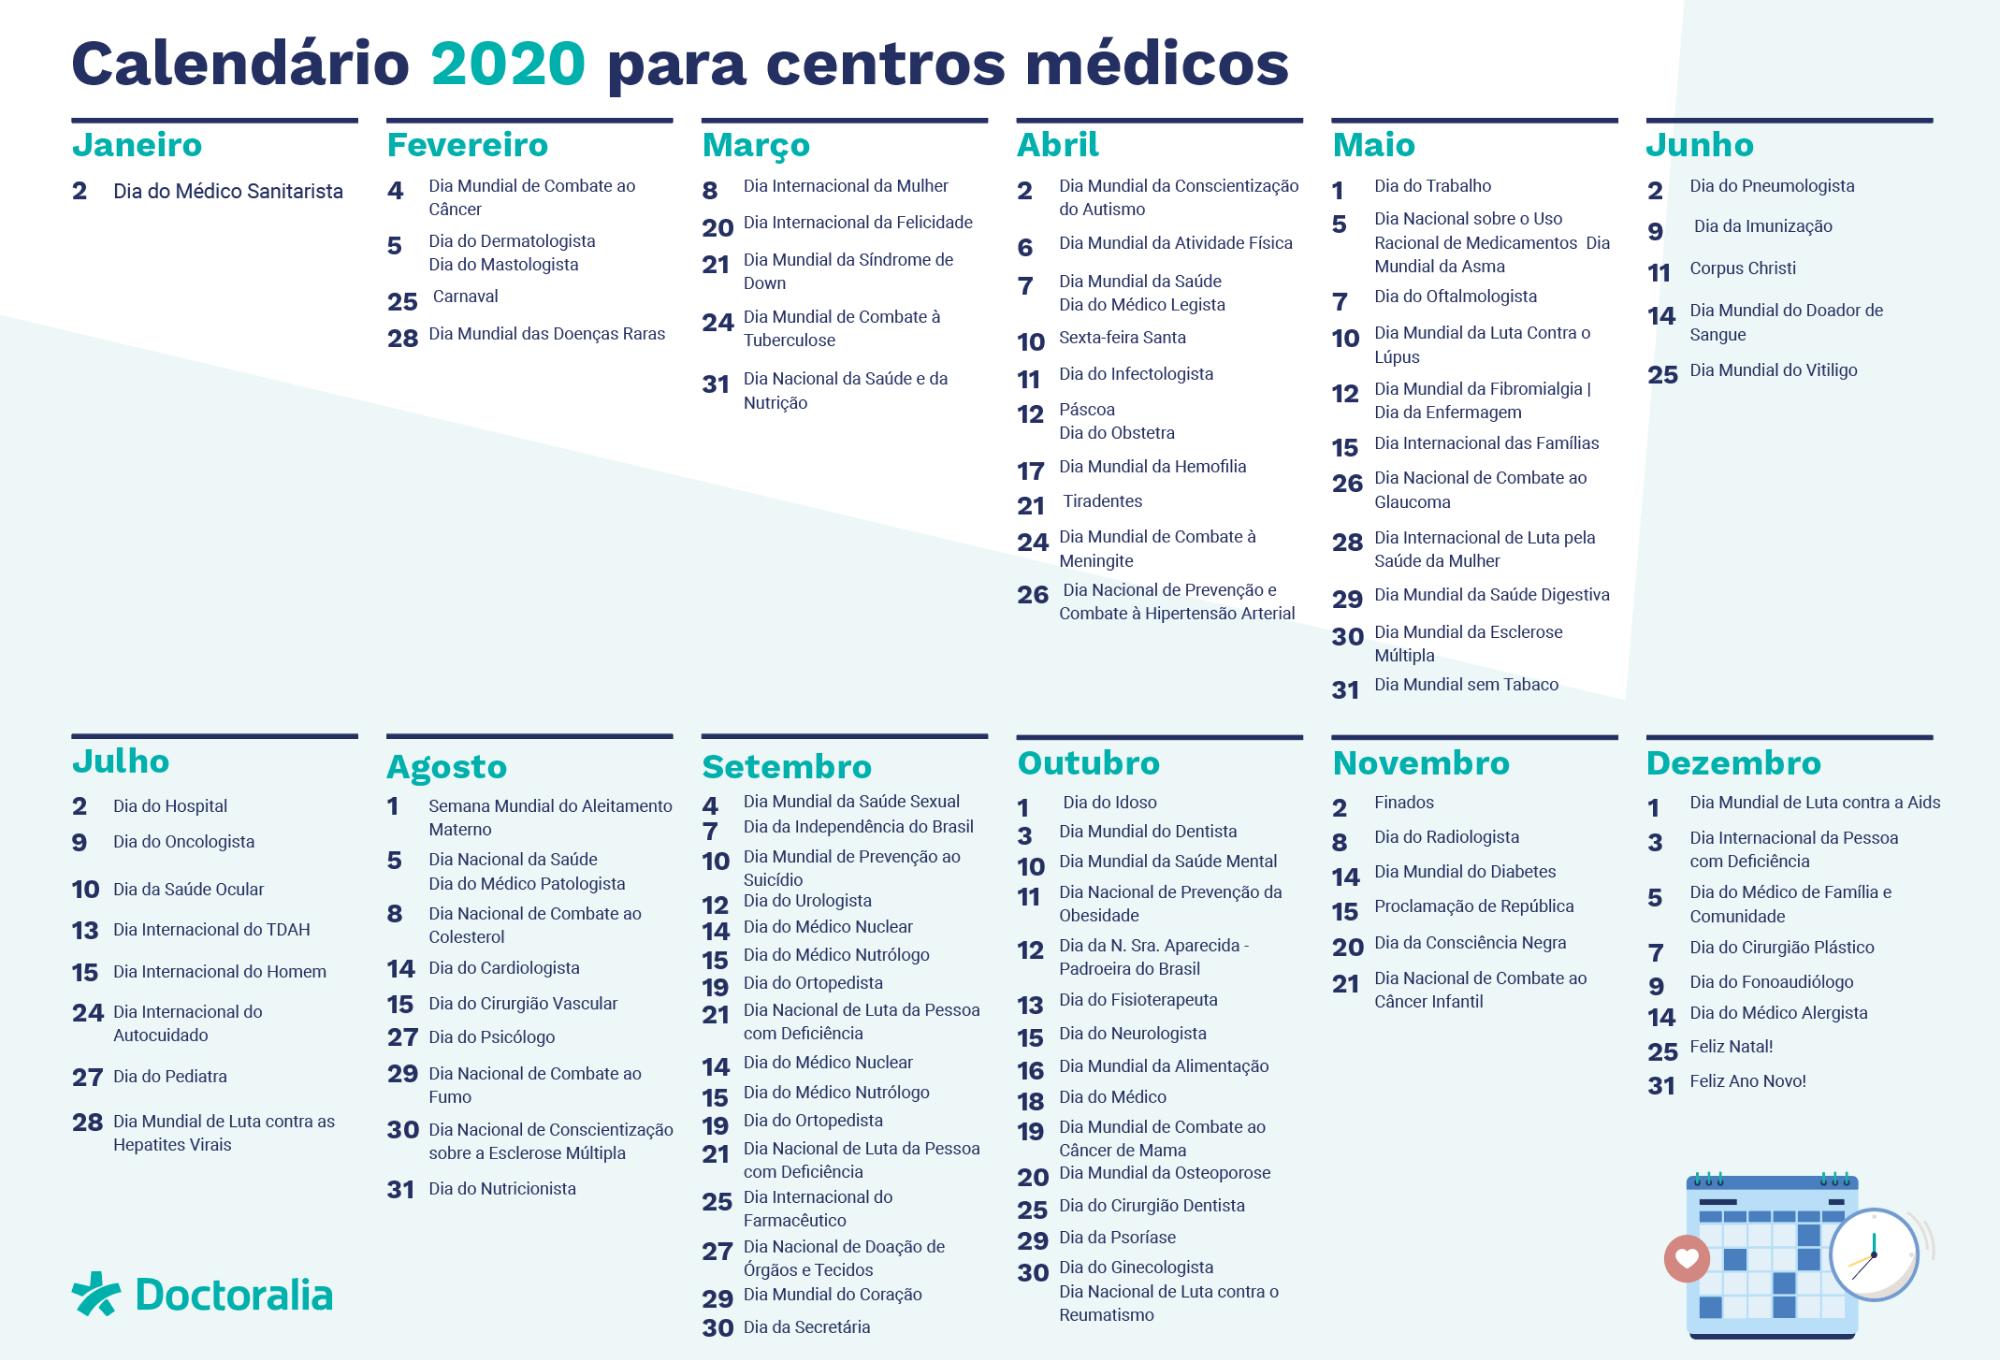 calendario da saude para centros medicos